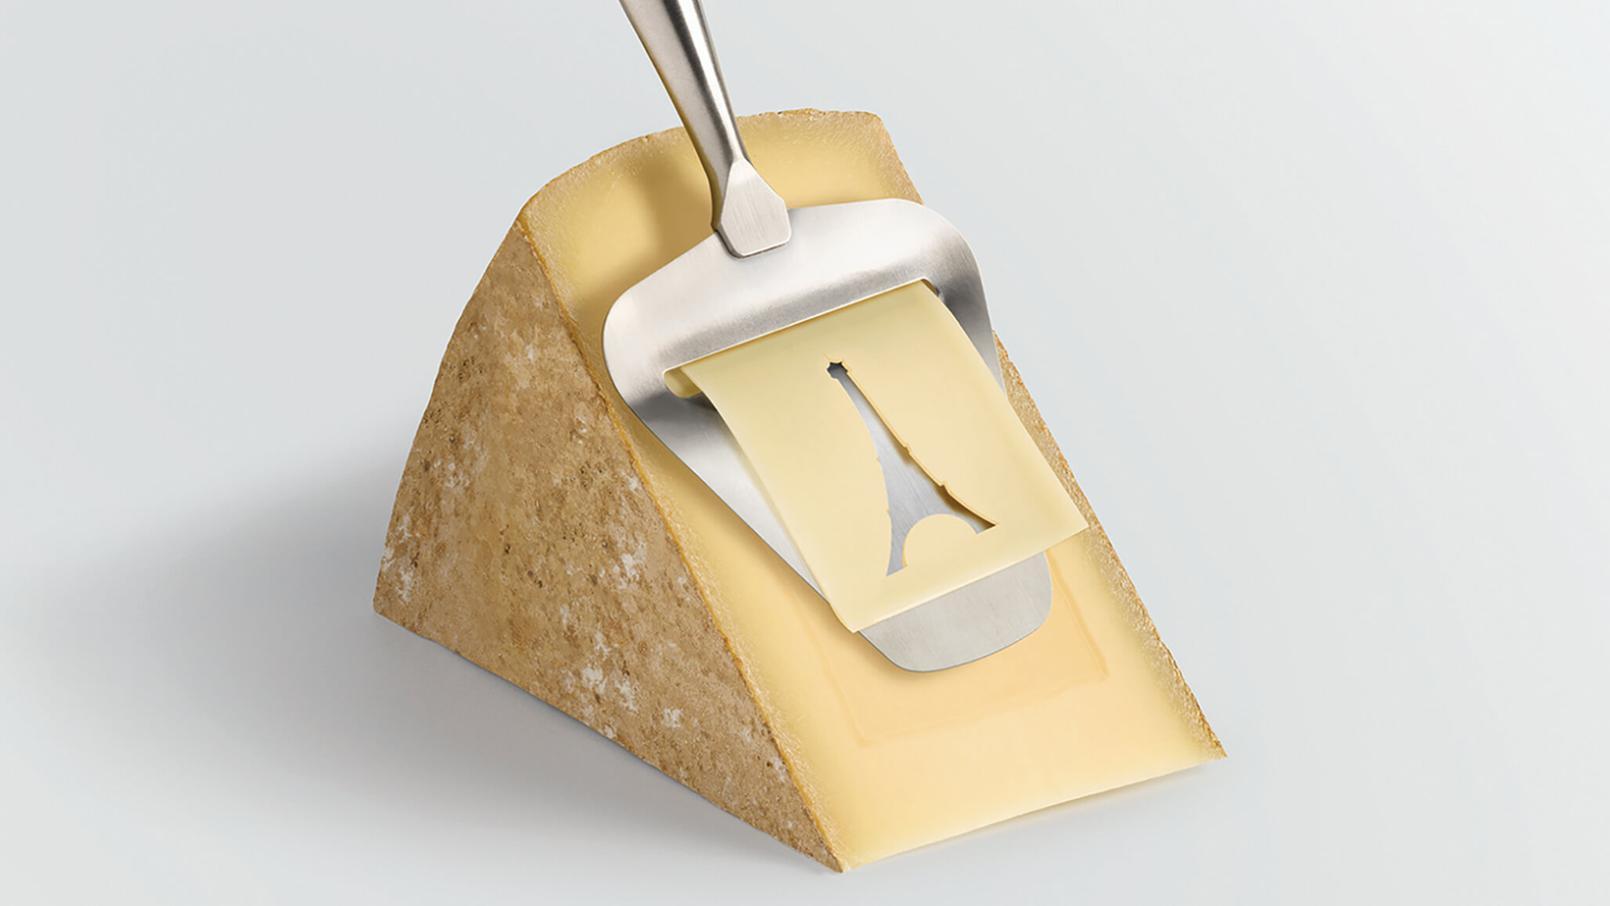 Visuel du Salon du fromage 2020 morceau de Conté avec raclette formant un pochoir de la tour Eiffel